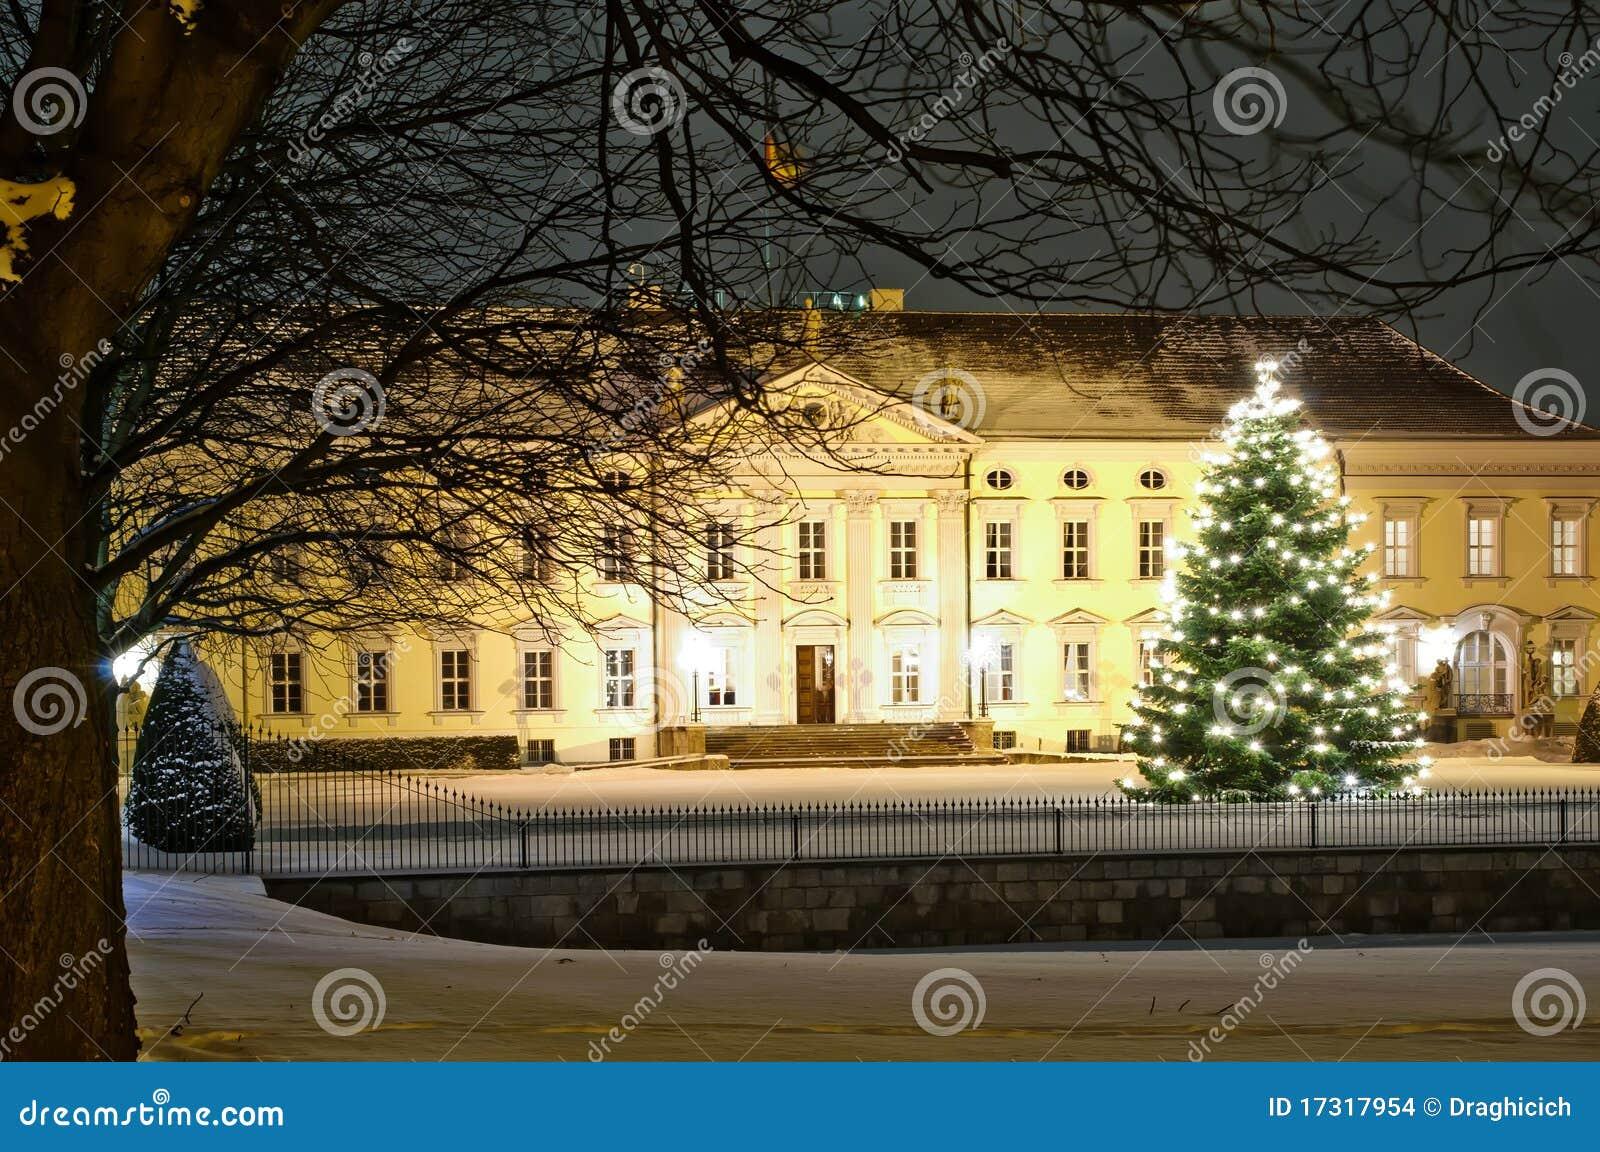 Bellevue palace in berlin